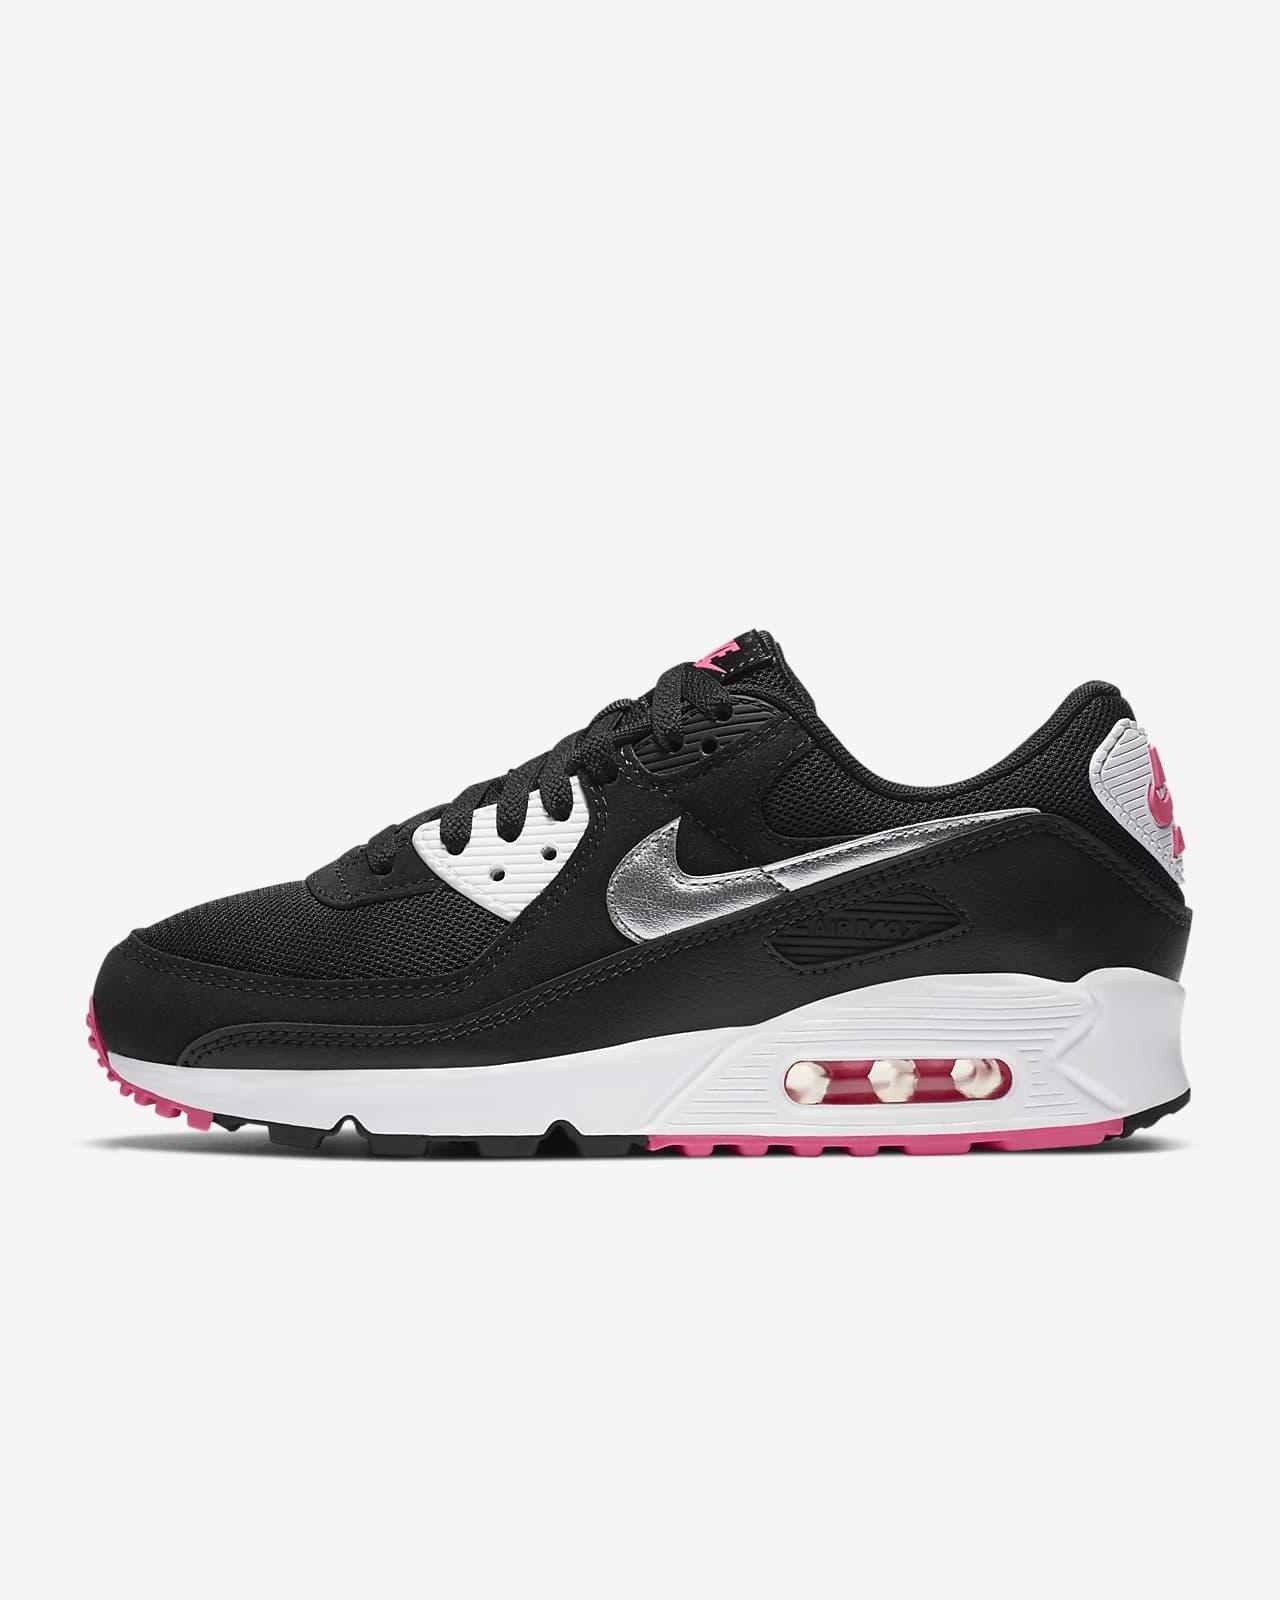 nike air max sneakers fille